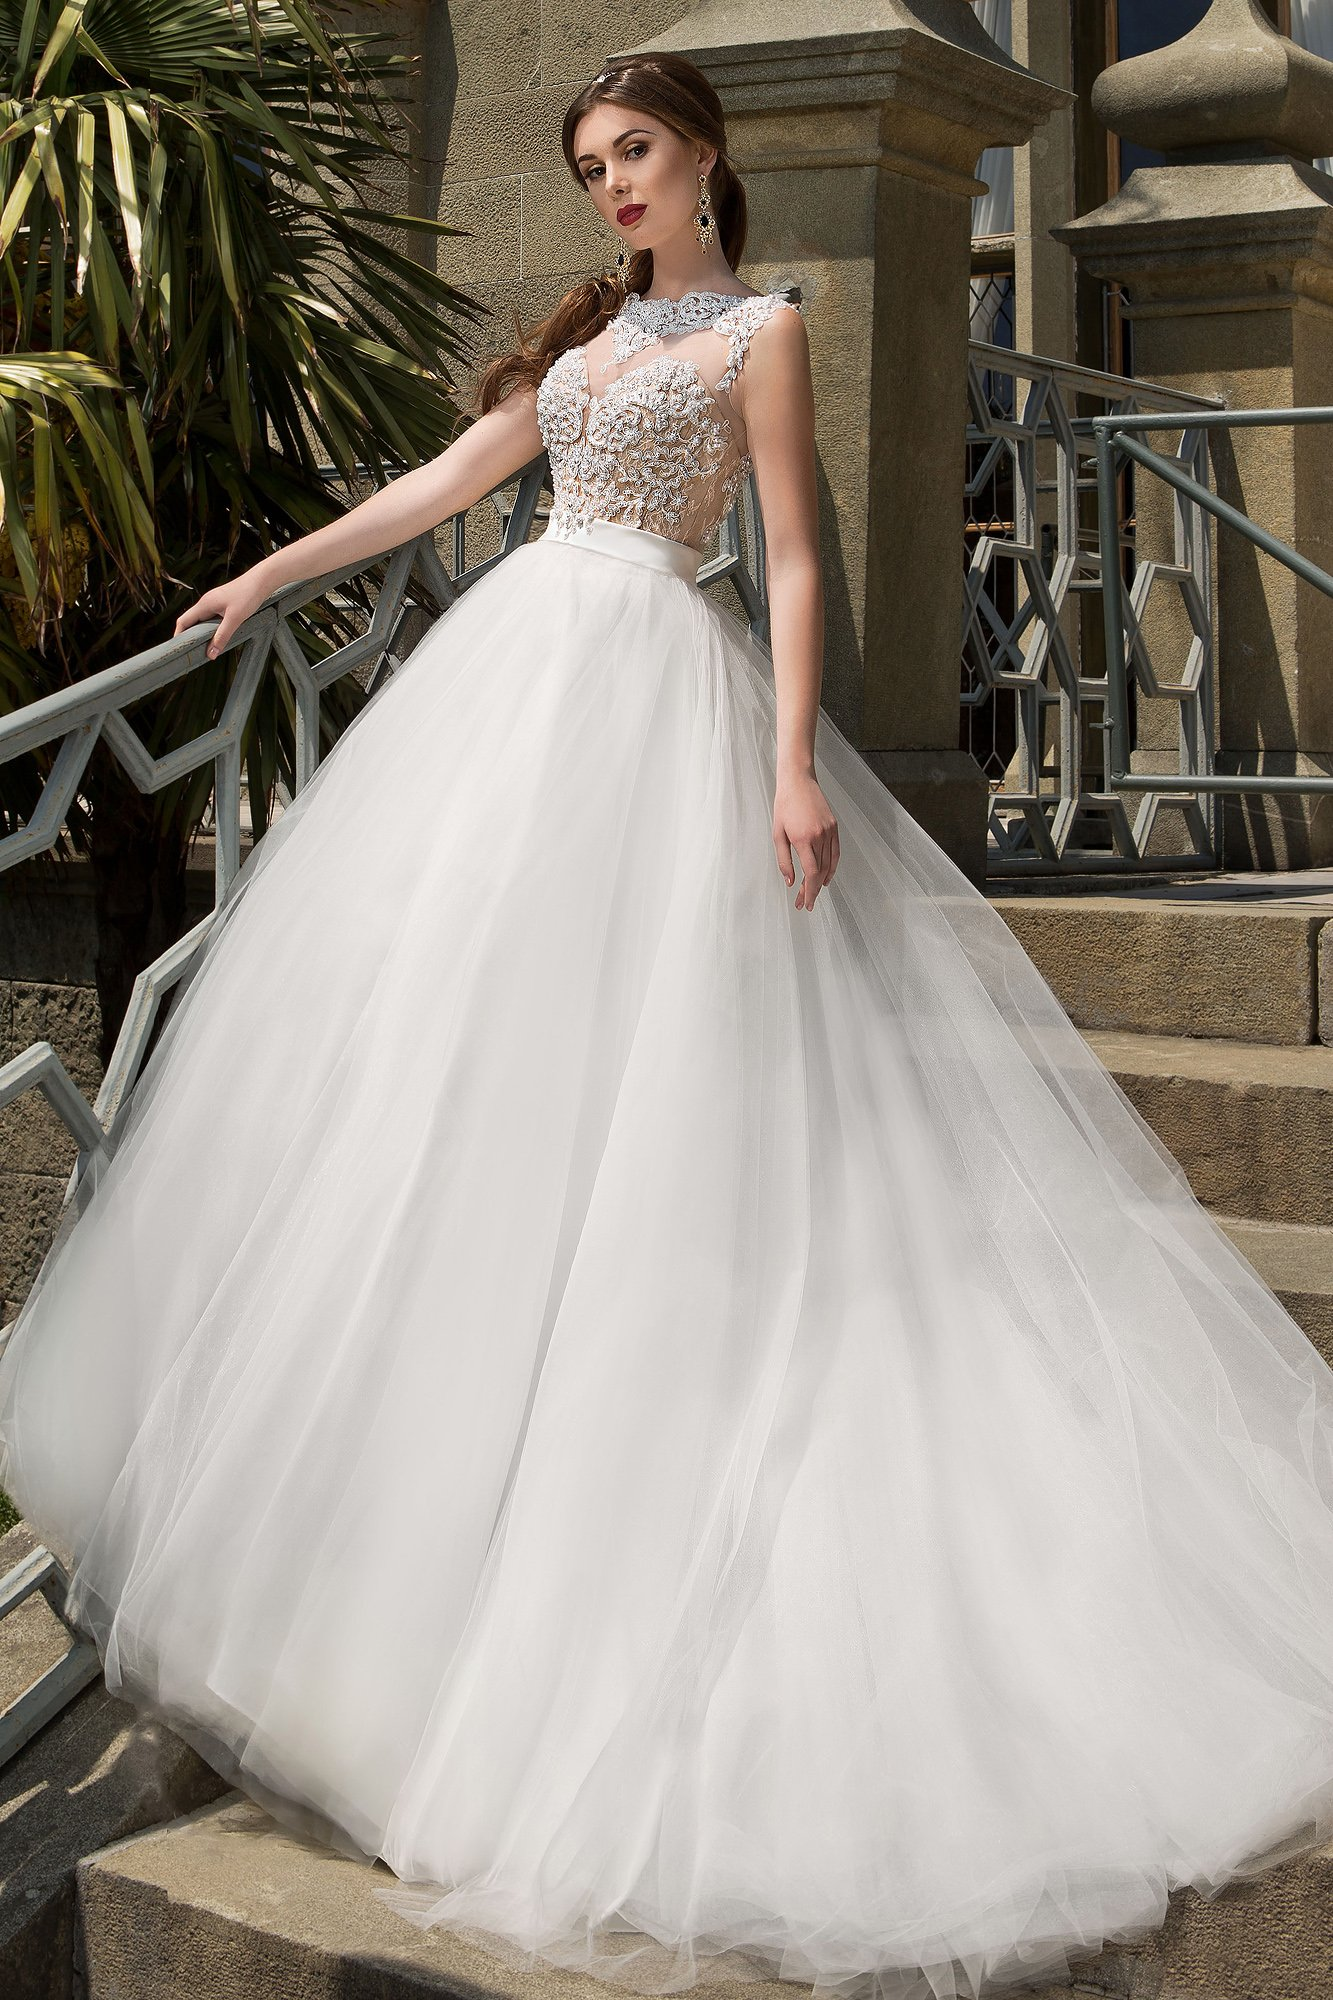 b3142ee3189 Свадебное платье с многослойной юбкой Gabbiano Бирутта. Купить ...